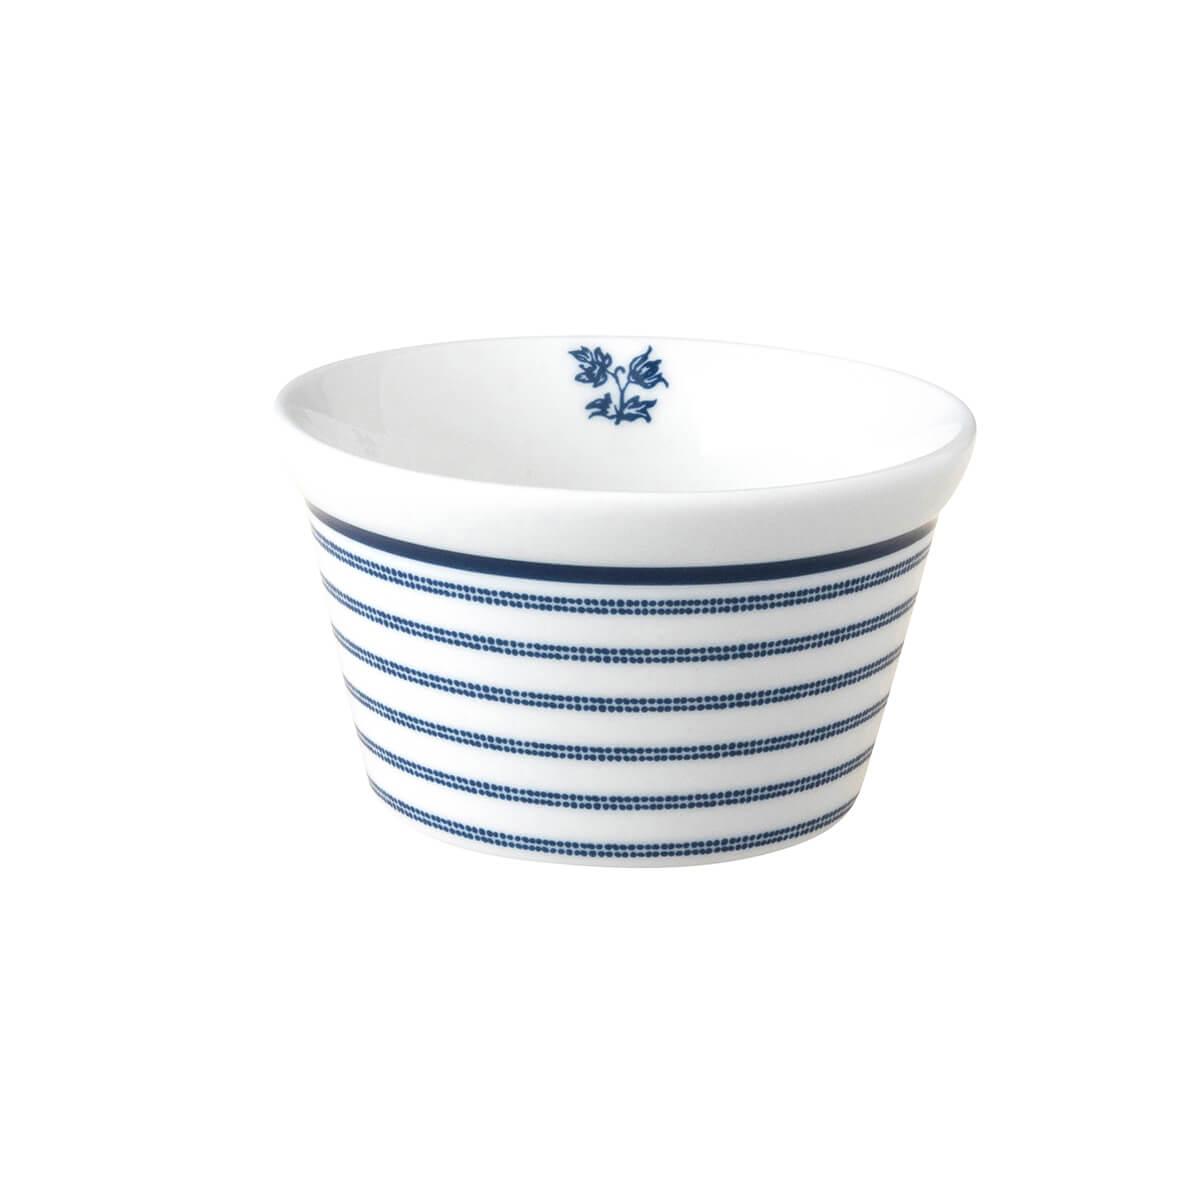 Онлайн каталог PROMENU: Форма порционная фарфоровая Laura Ashley BLUEPRINT, 9 см, белый в синюю полоску                                   179362